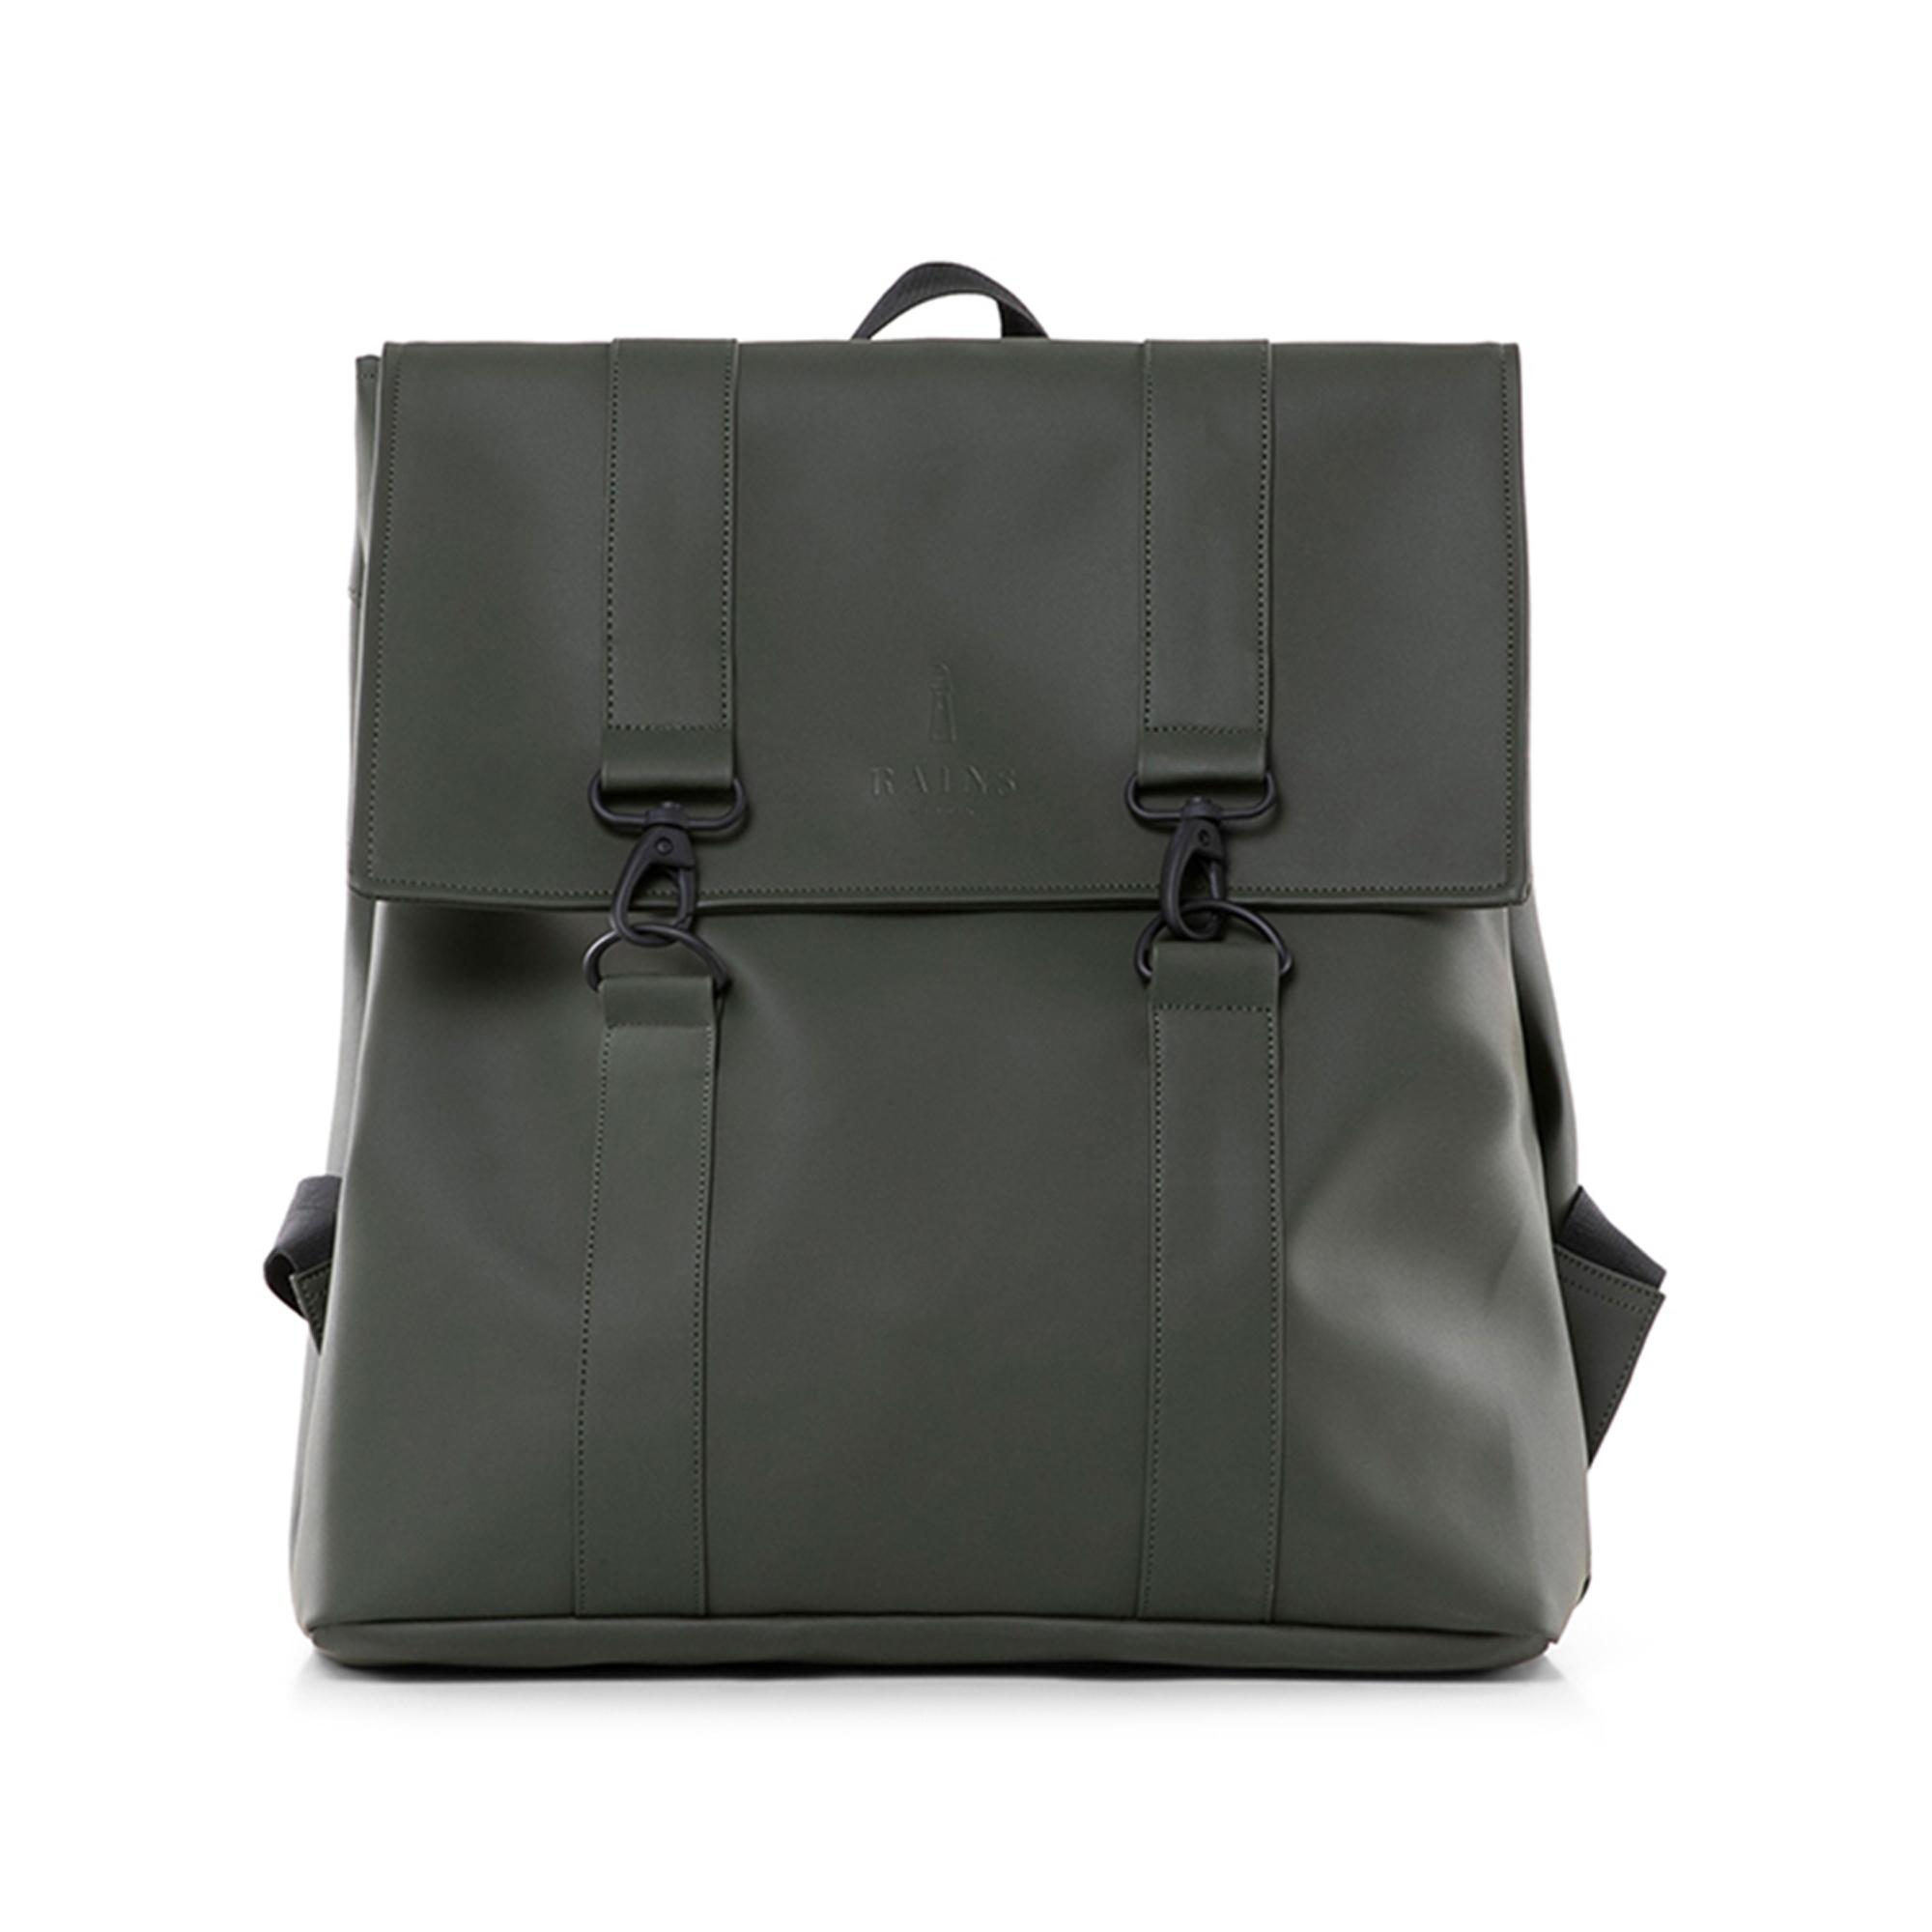 Allsidig ryggsäck med axelrem 148888 Färg Grön